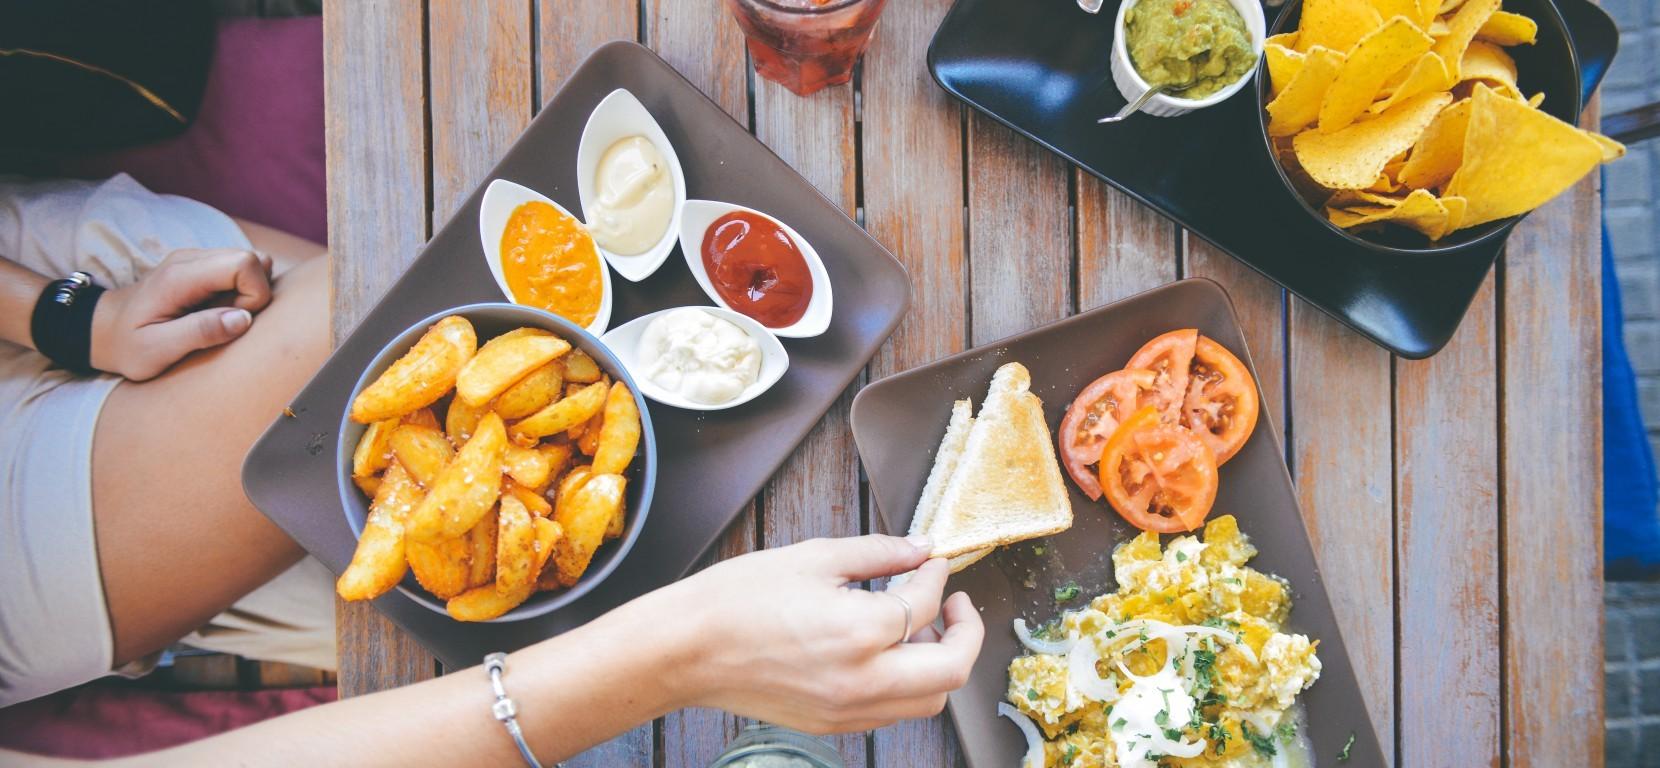 еда, продукты, счастье, здоровье, образ жизни,